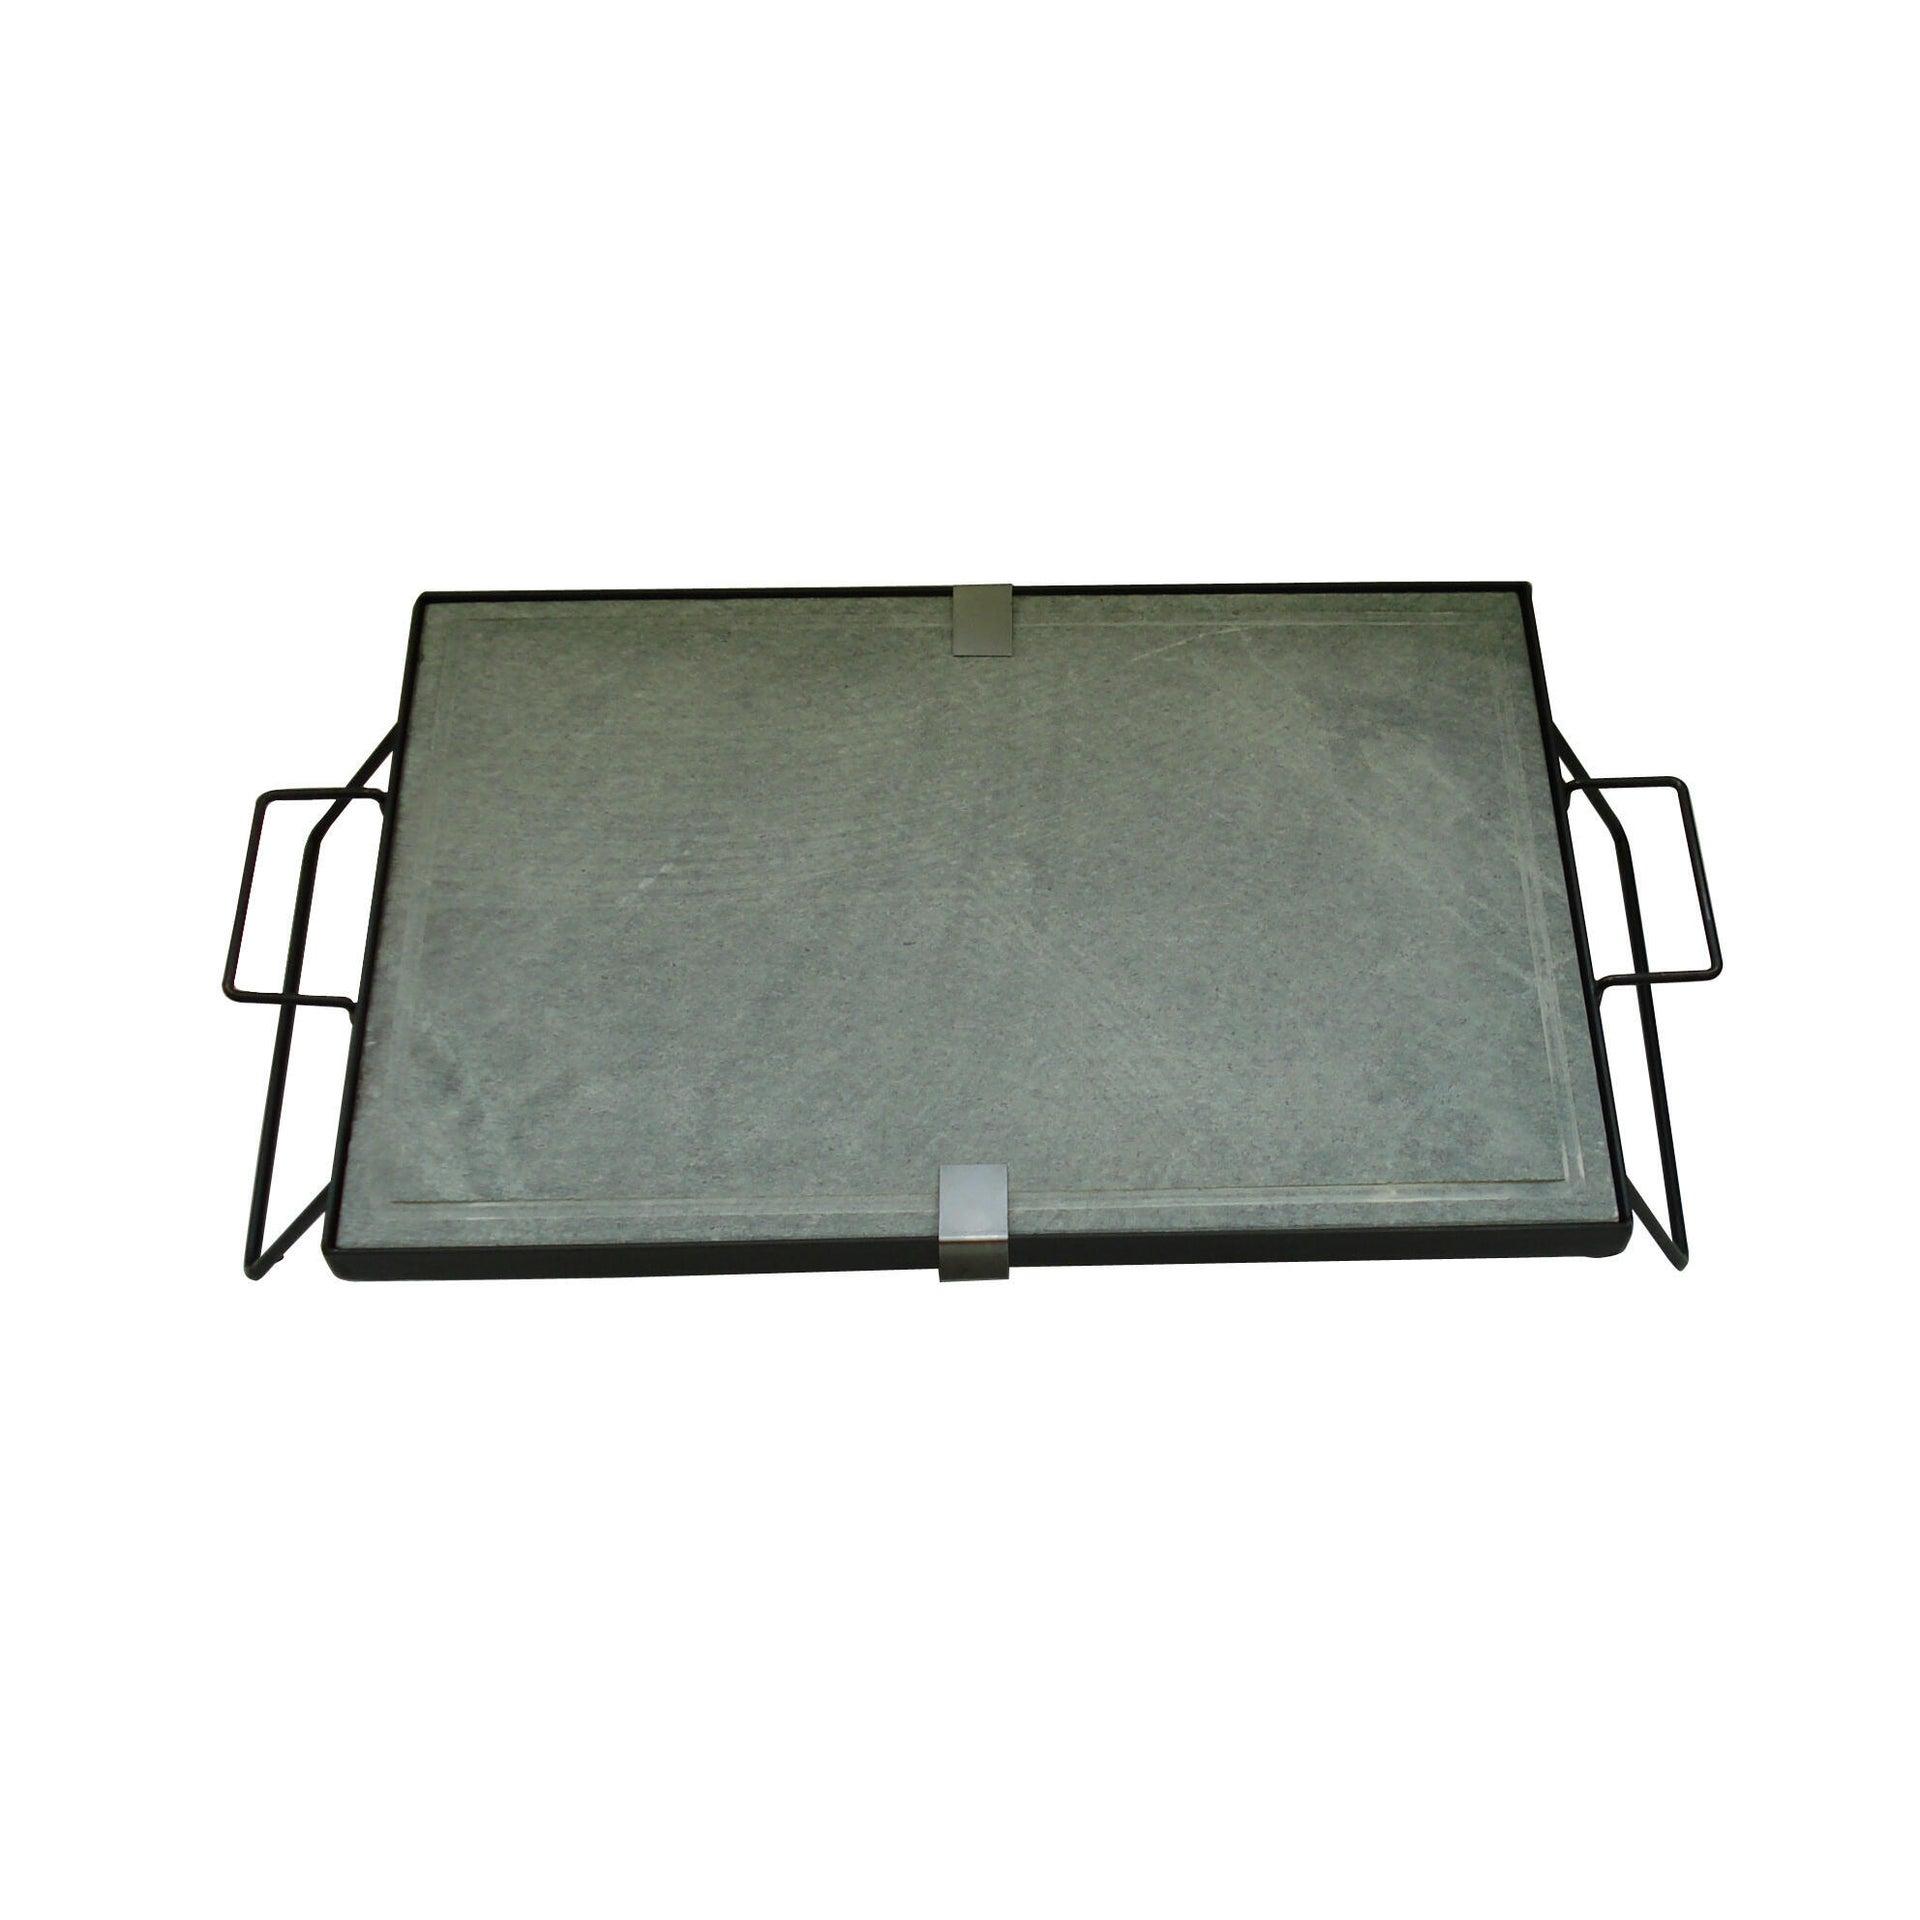 Pietra per barbecue in pietra ollare L 60 x P 40 cm - 2